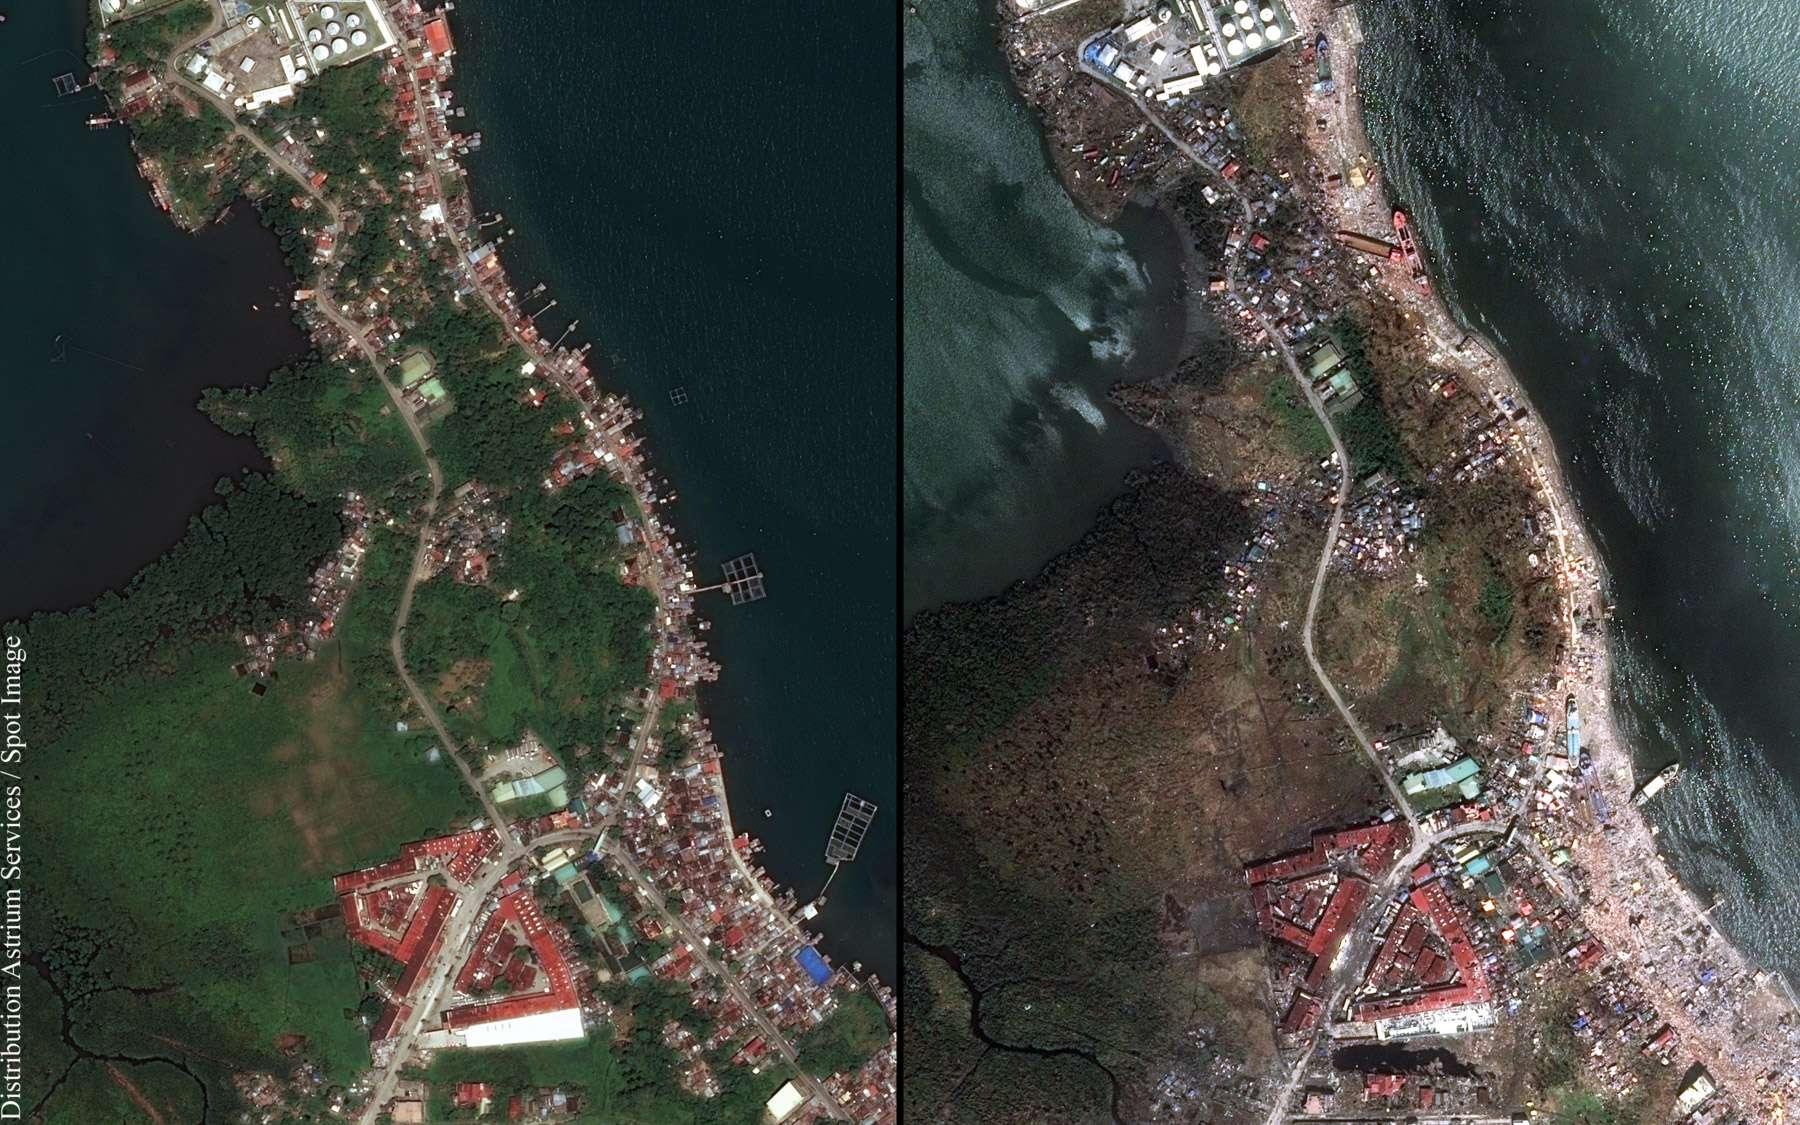 Ces deux images montrent les effets du typhon Haiyan, qui s'est abattu sur les Philippines le 8 novembre 2013, et l'étendue des dégâts qu'il a provoqués. Les deux scènes ont été acquises par un satellite Pléiades le 7 mars 2013 et le 13 novembre 2013. © Cnes, Distribution Astrium Services, Spot Image, 2013